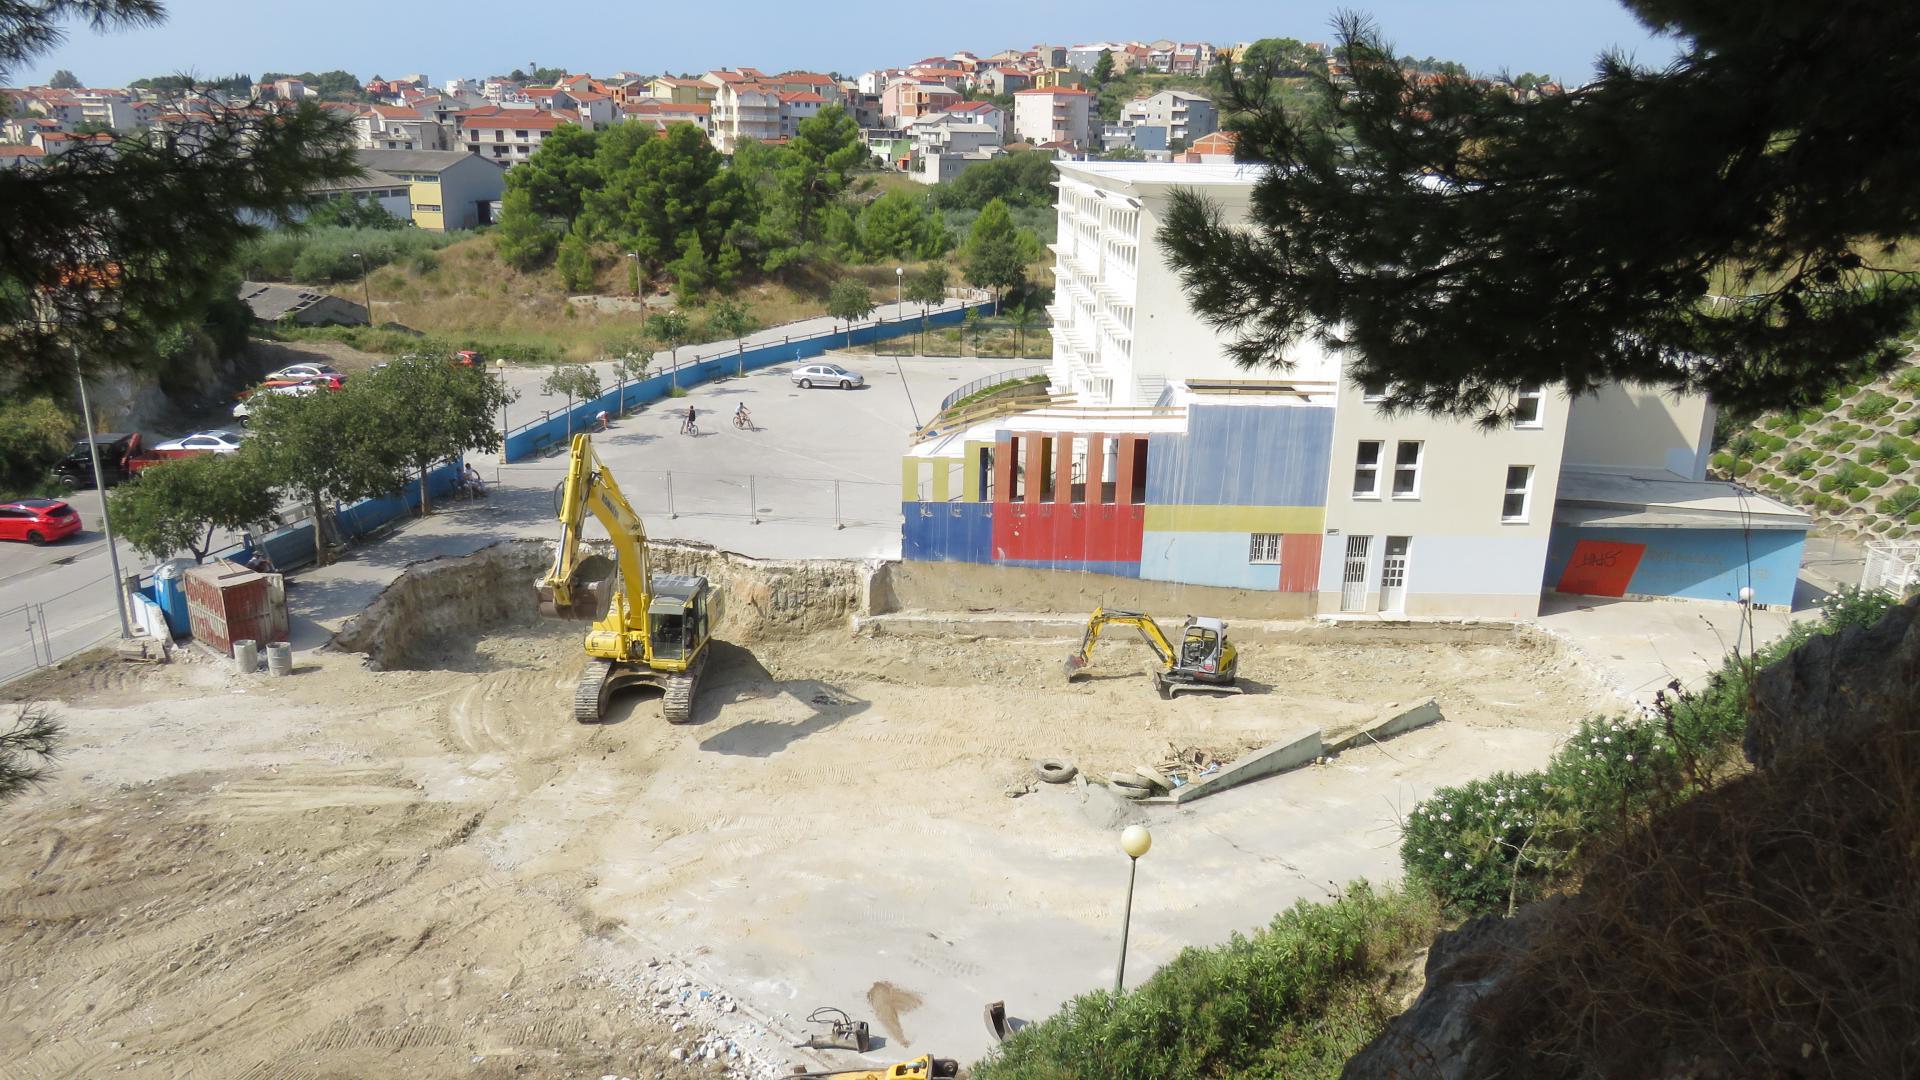 Bageri tvrtke 'Ćitić gradnja' već su počeli raščišćavati teren OŠ 'KAMEN-ŠINE'